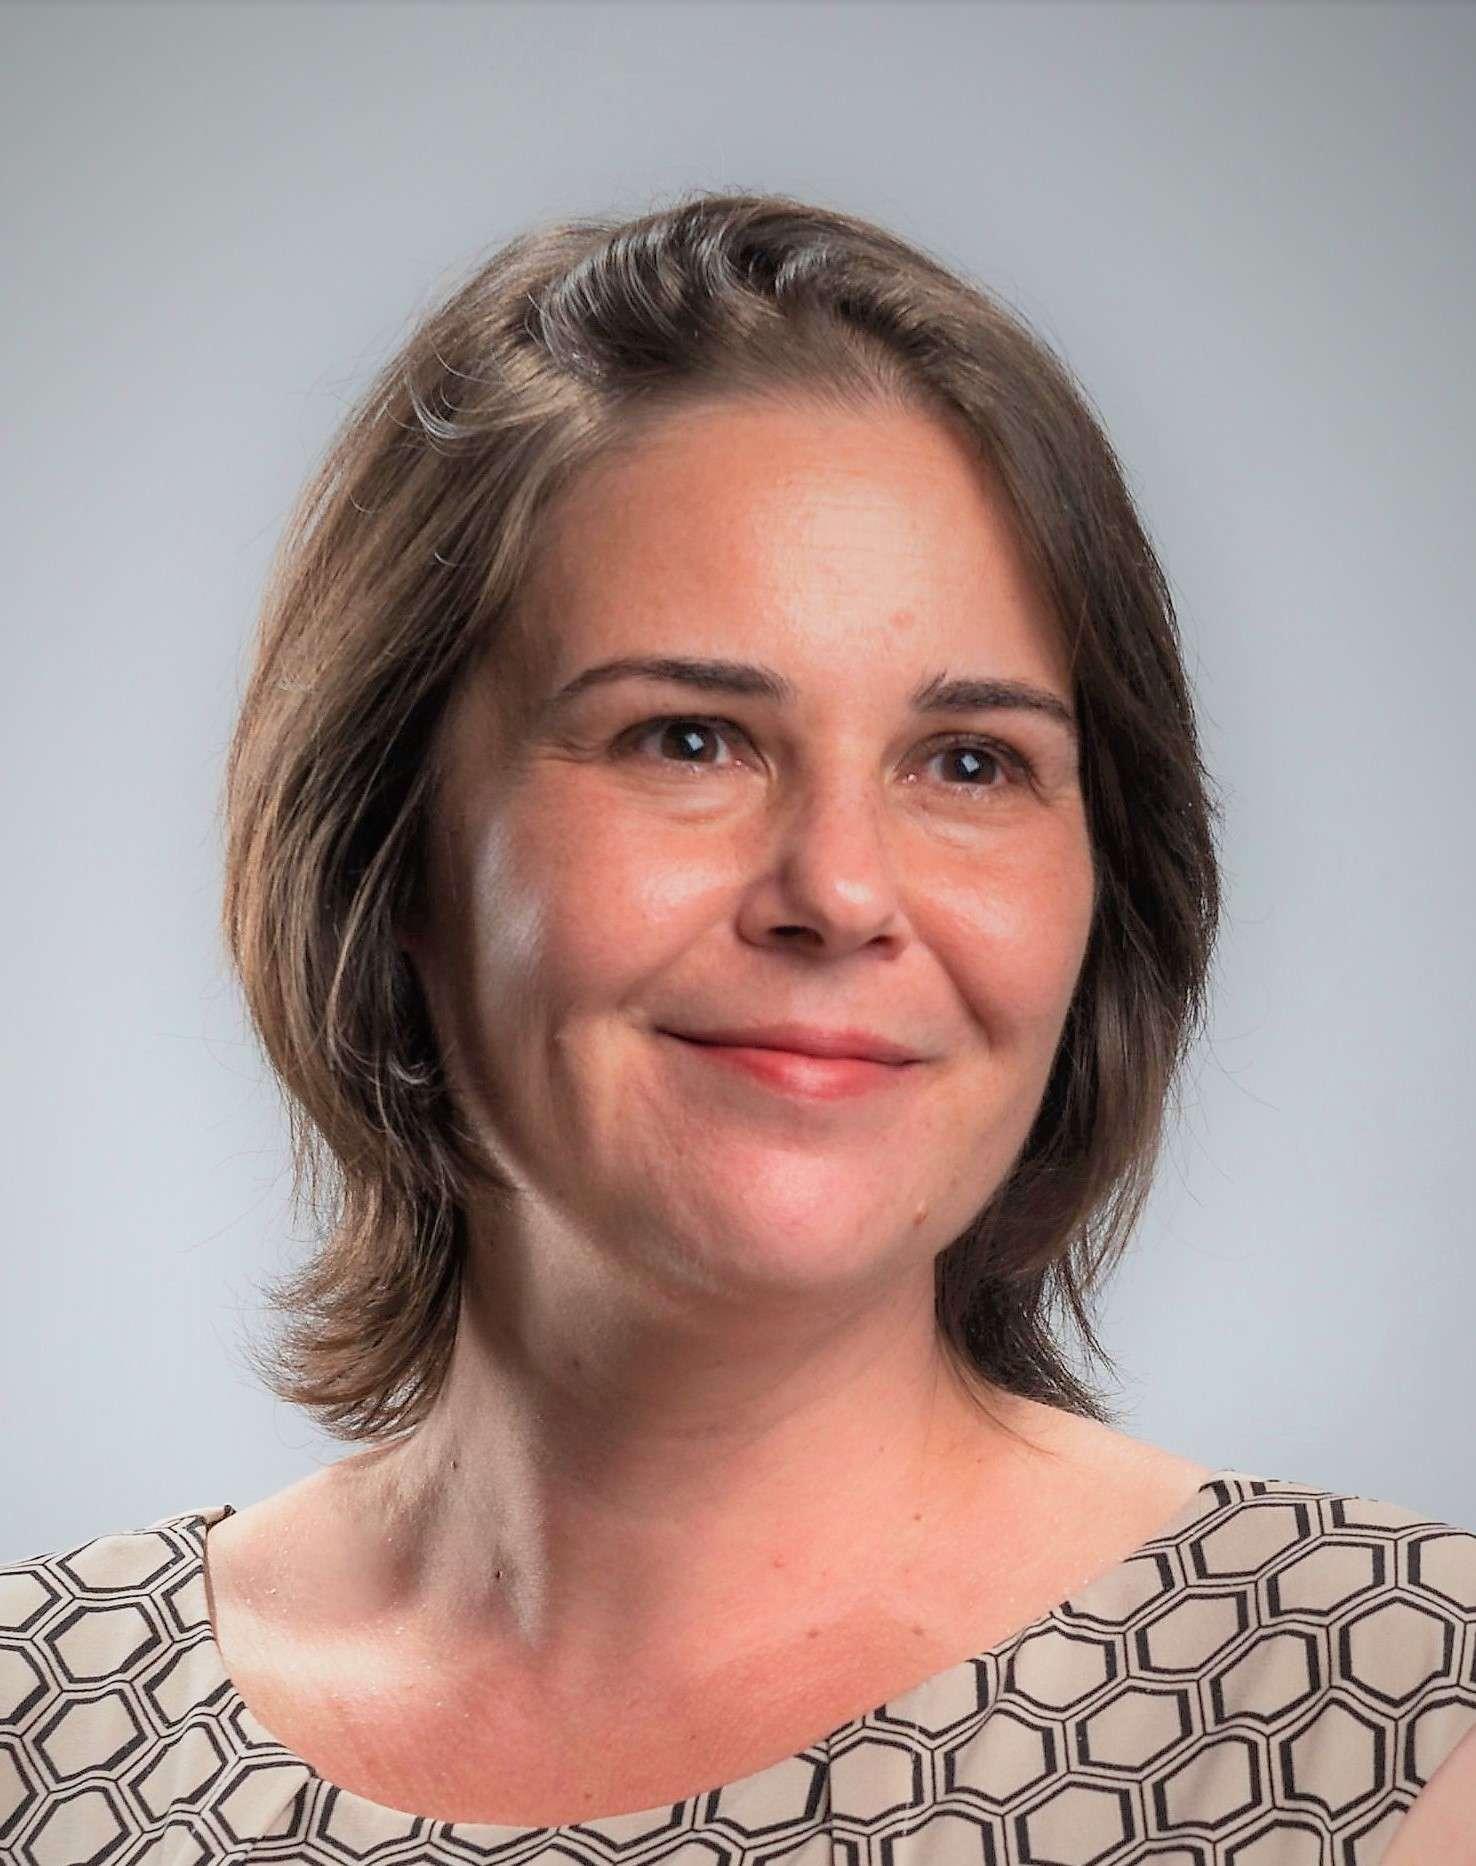 Portrait de Gwenola Ricordeau. Crédit : Jason Halley/University Photographer/CSU Chico.